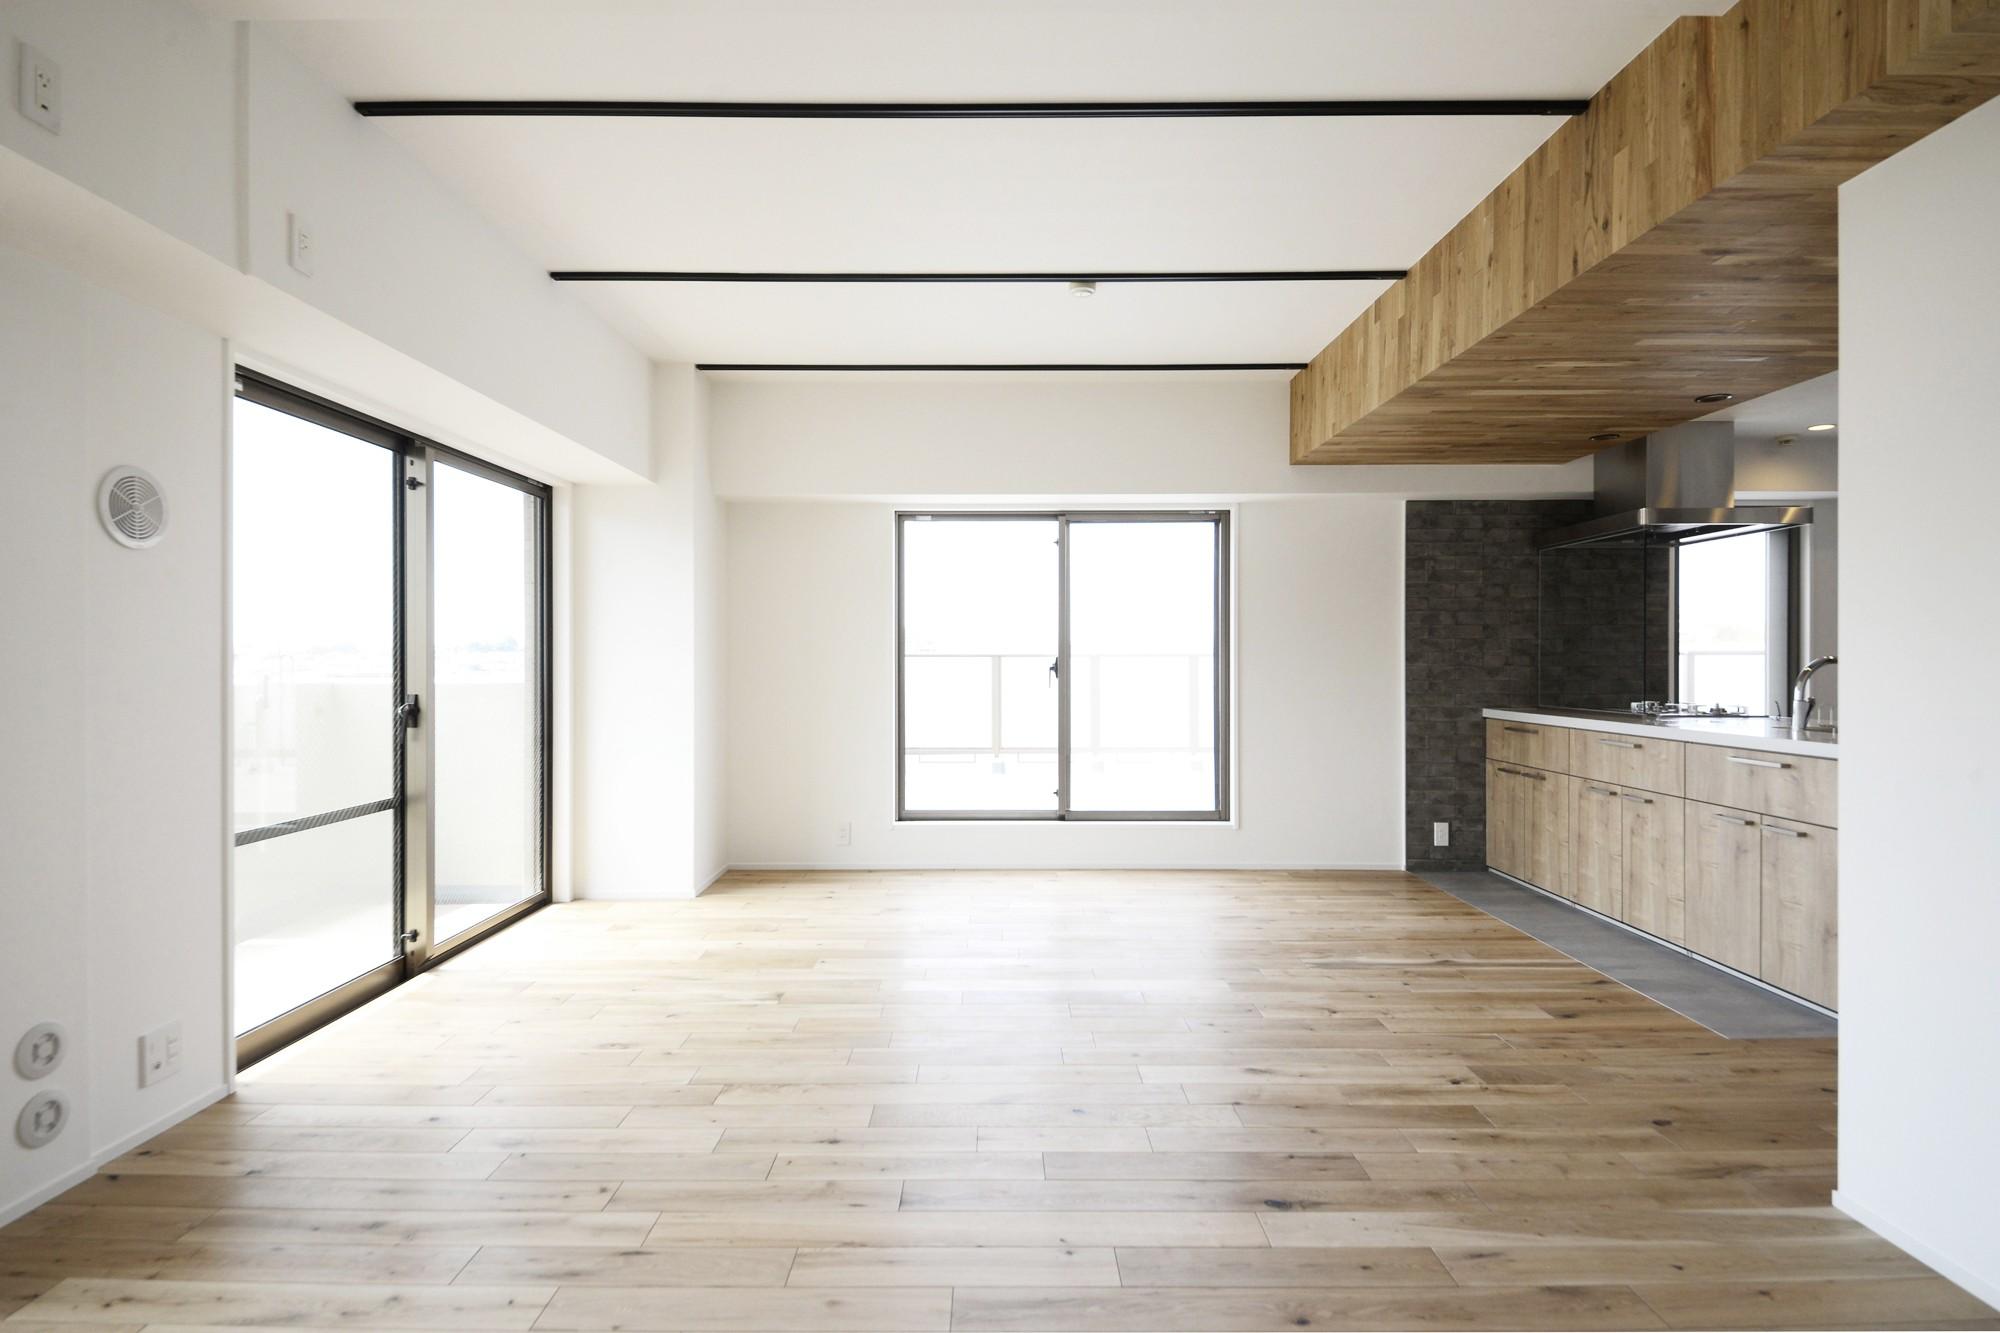 リビングダイニング事例:リビングダイニング(天井の無垢材がアクセントの明るい広々空間)